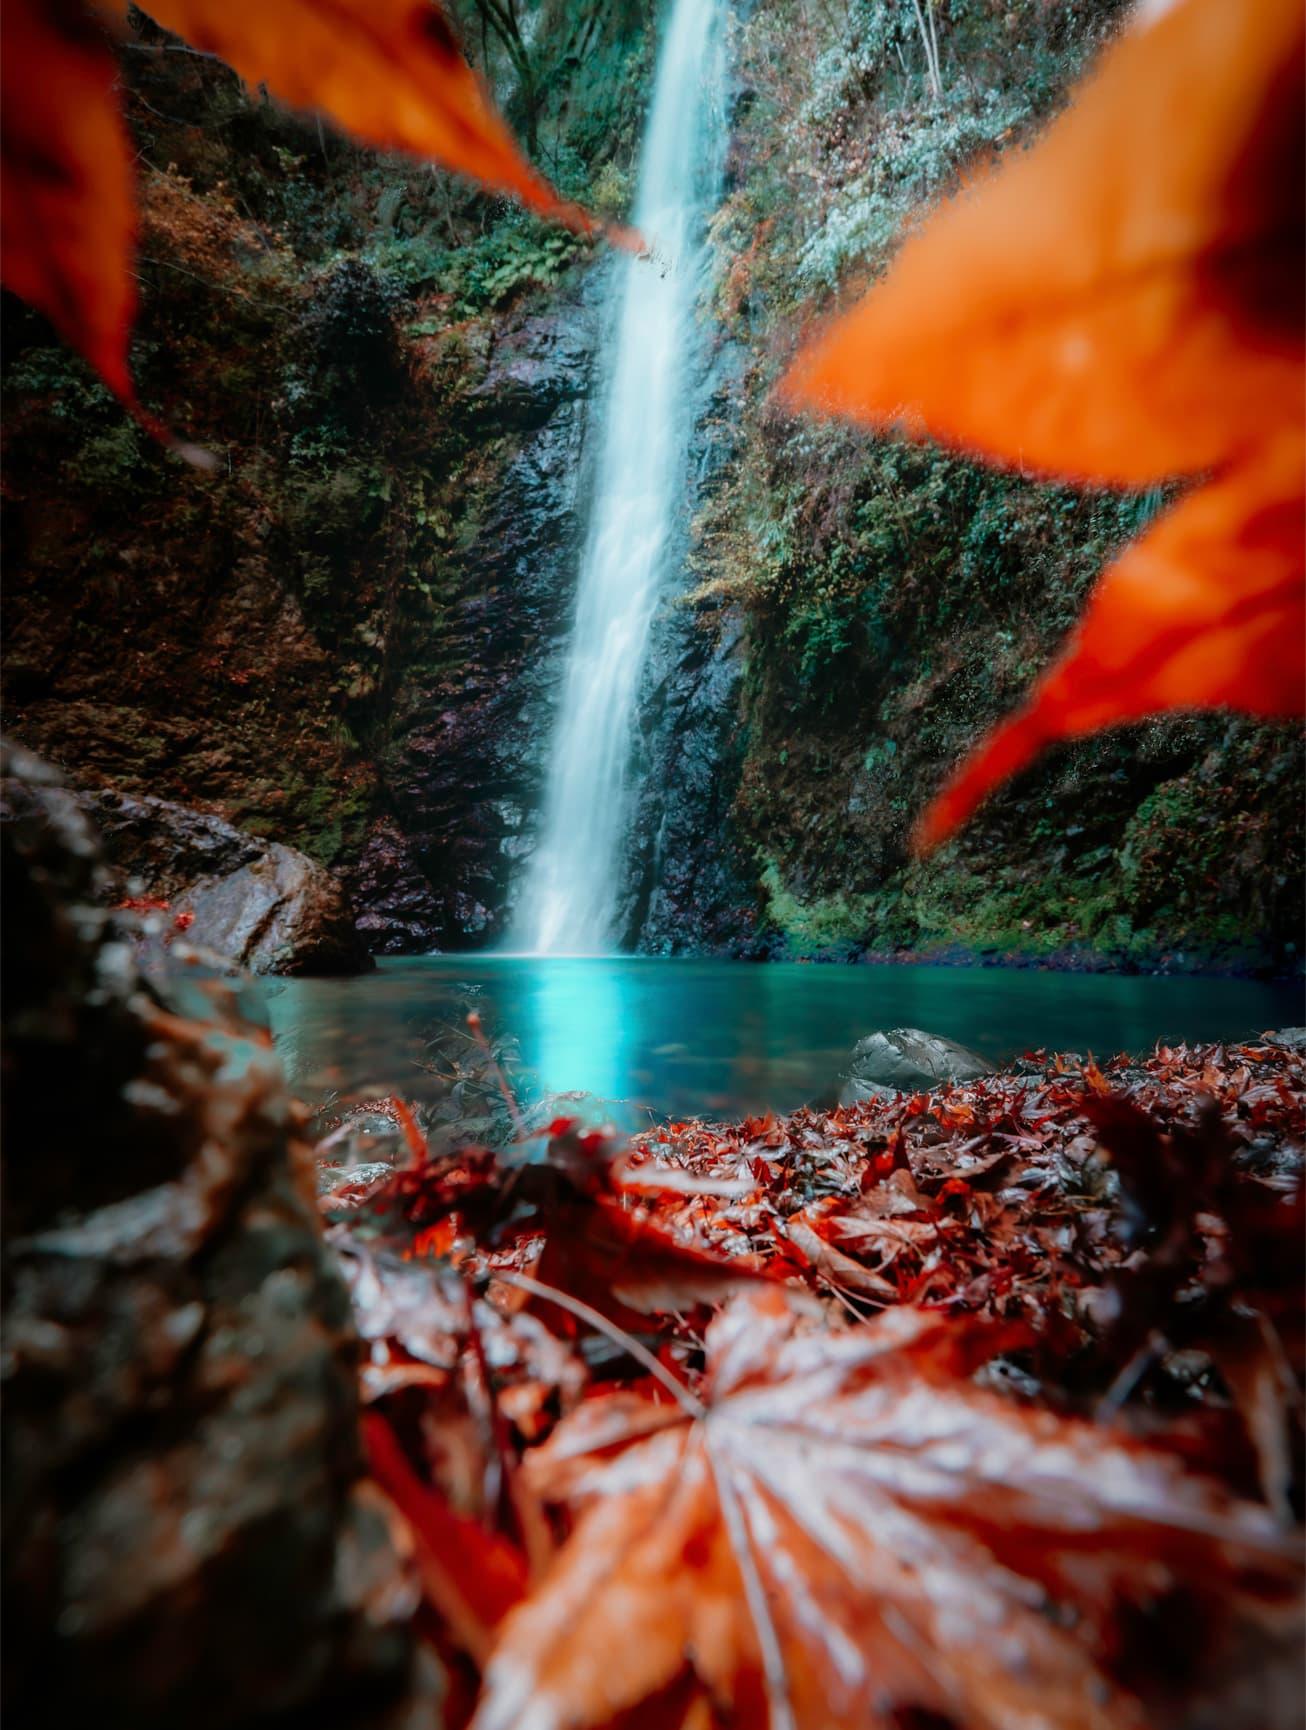 iPhone 12 Pro 拍攝,拍攝者:Ikuchika Aoyama,日本